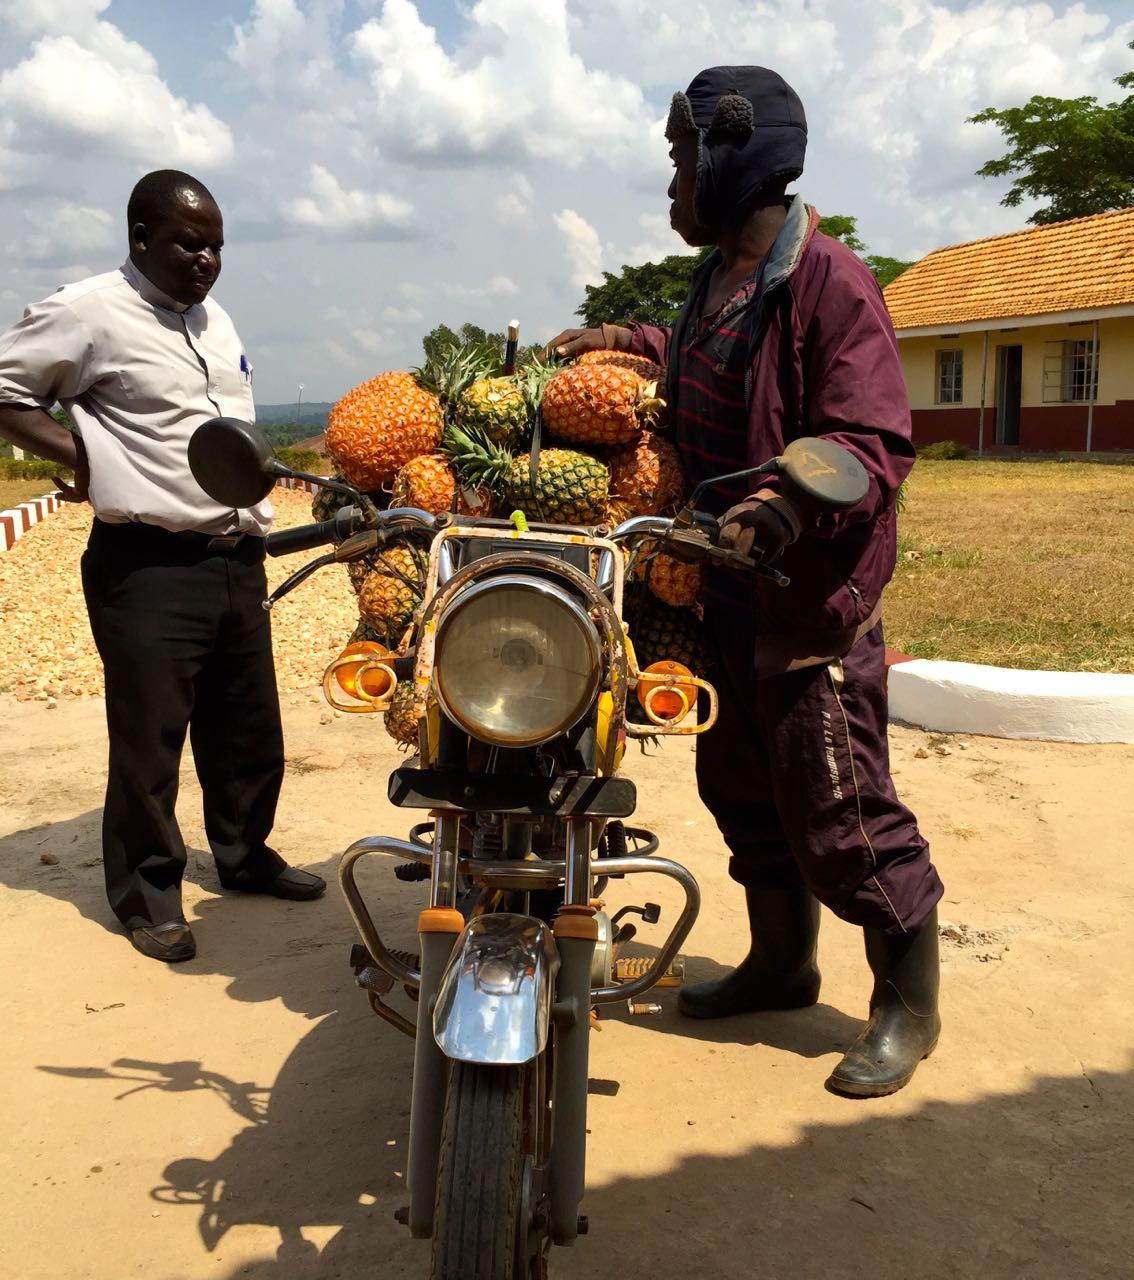 Ananashändler auf Motorrad in Nandere, Uganda